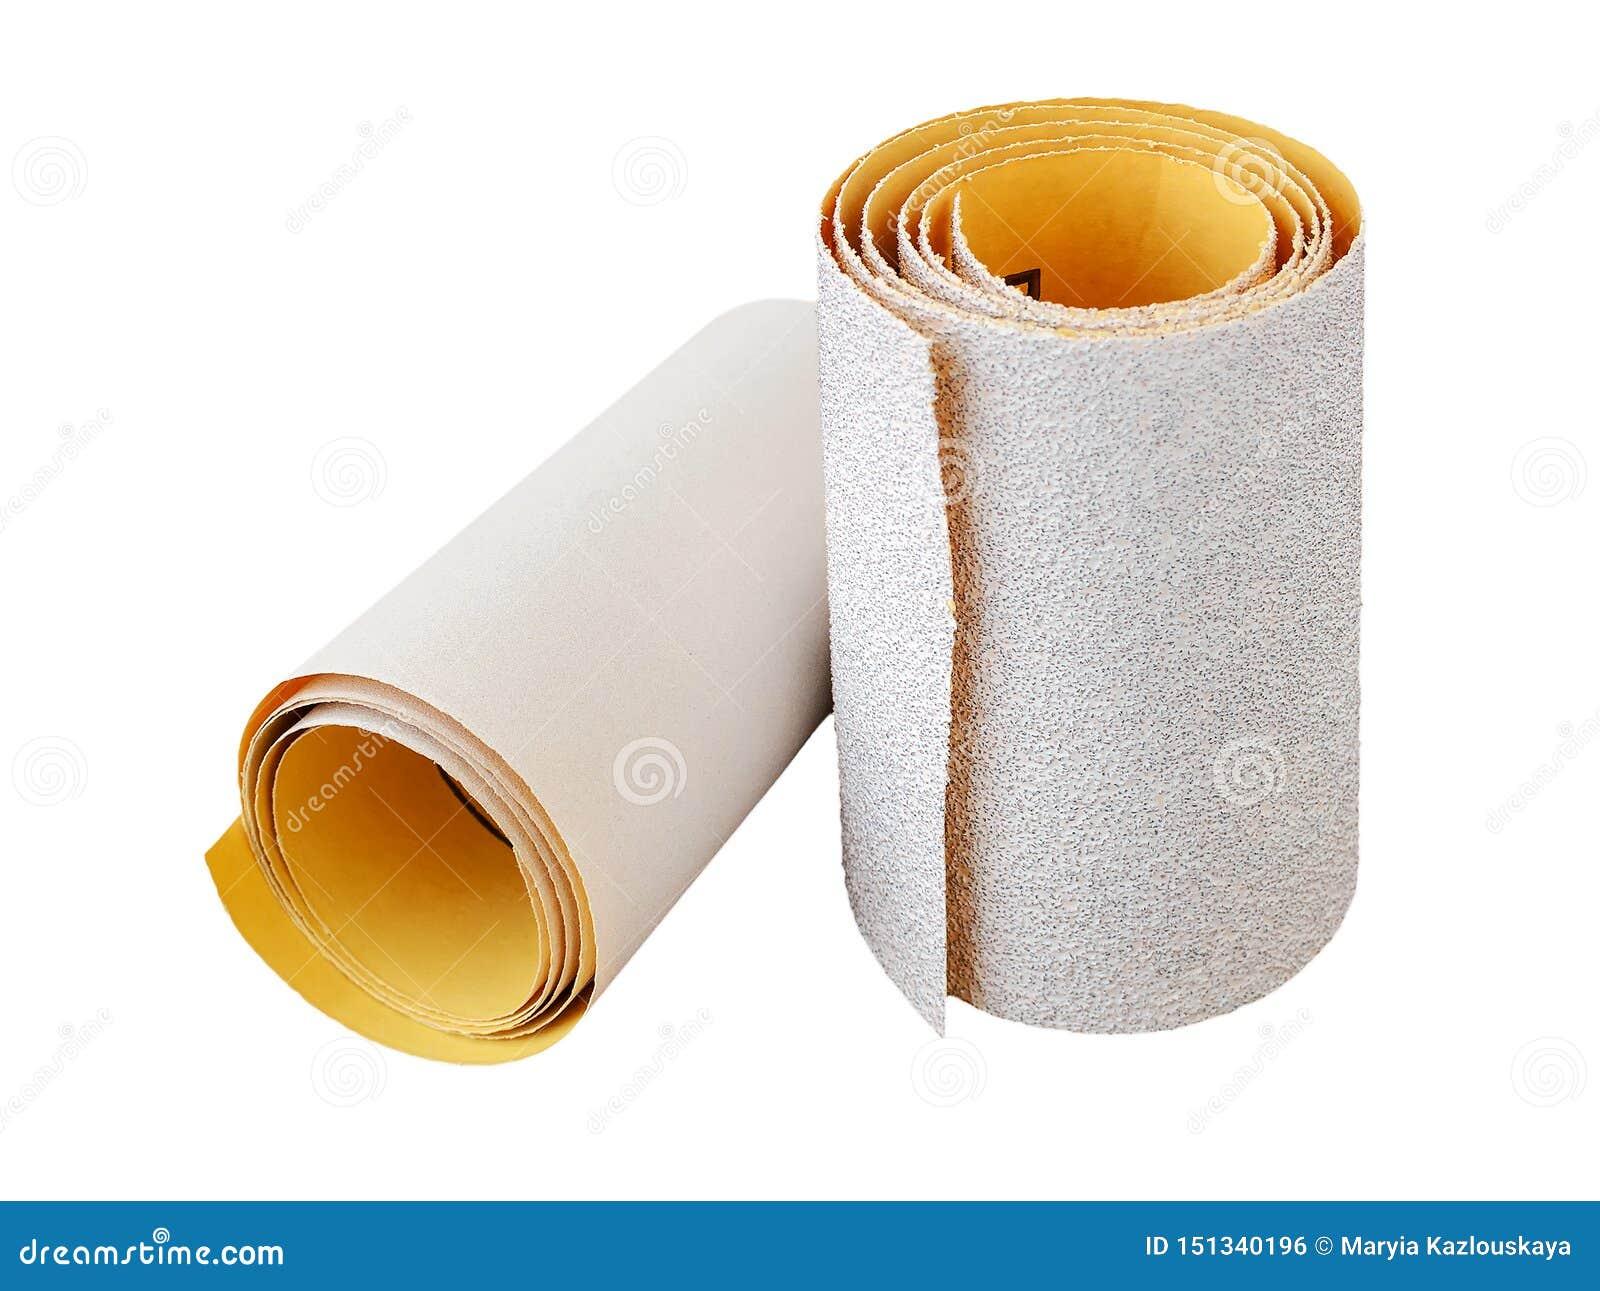 Två rullar av extra grov och toppen fin sandpapper för aluminiumoxid Slipande papper för torrt sandpappra Bearbeta trä och metall